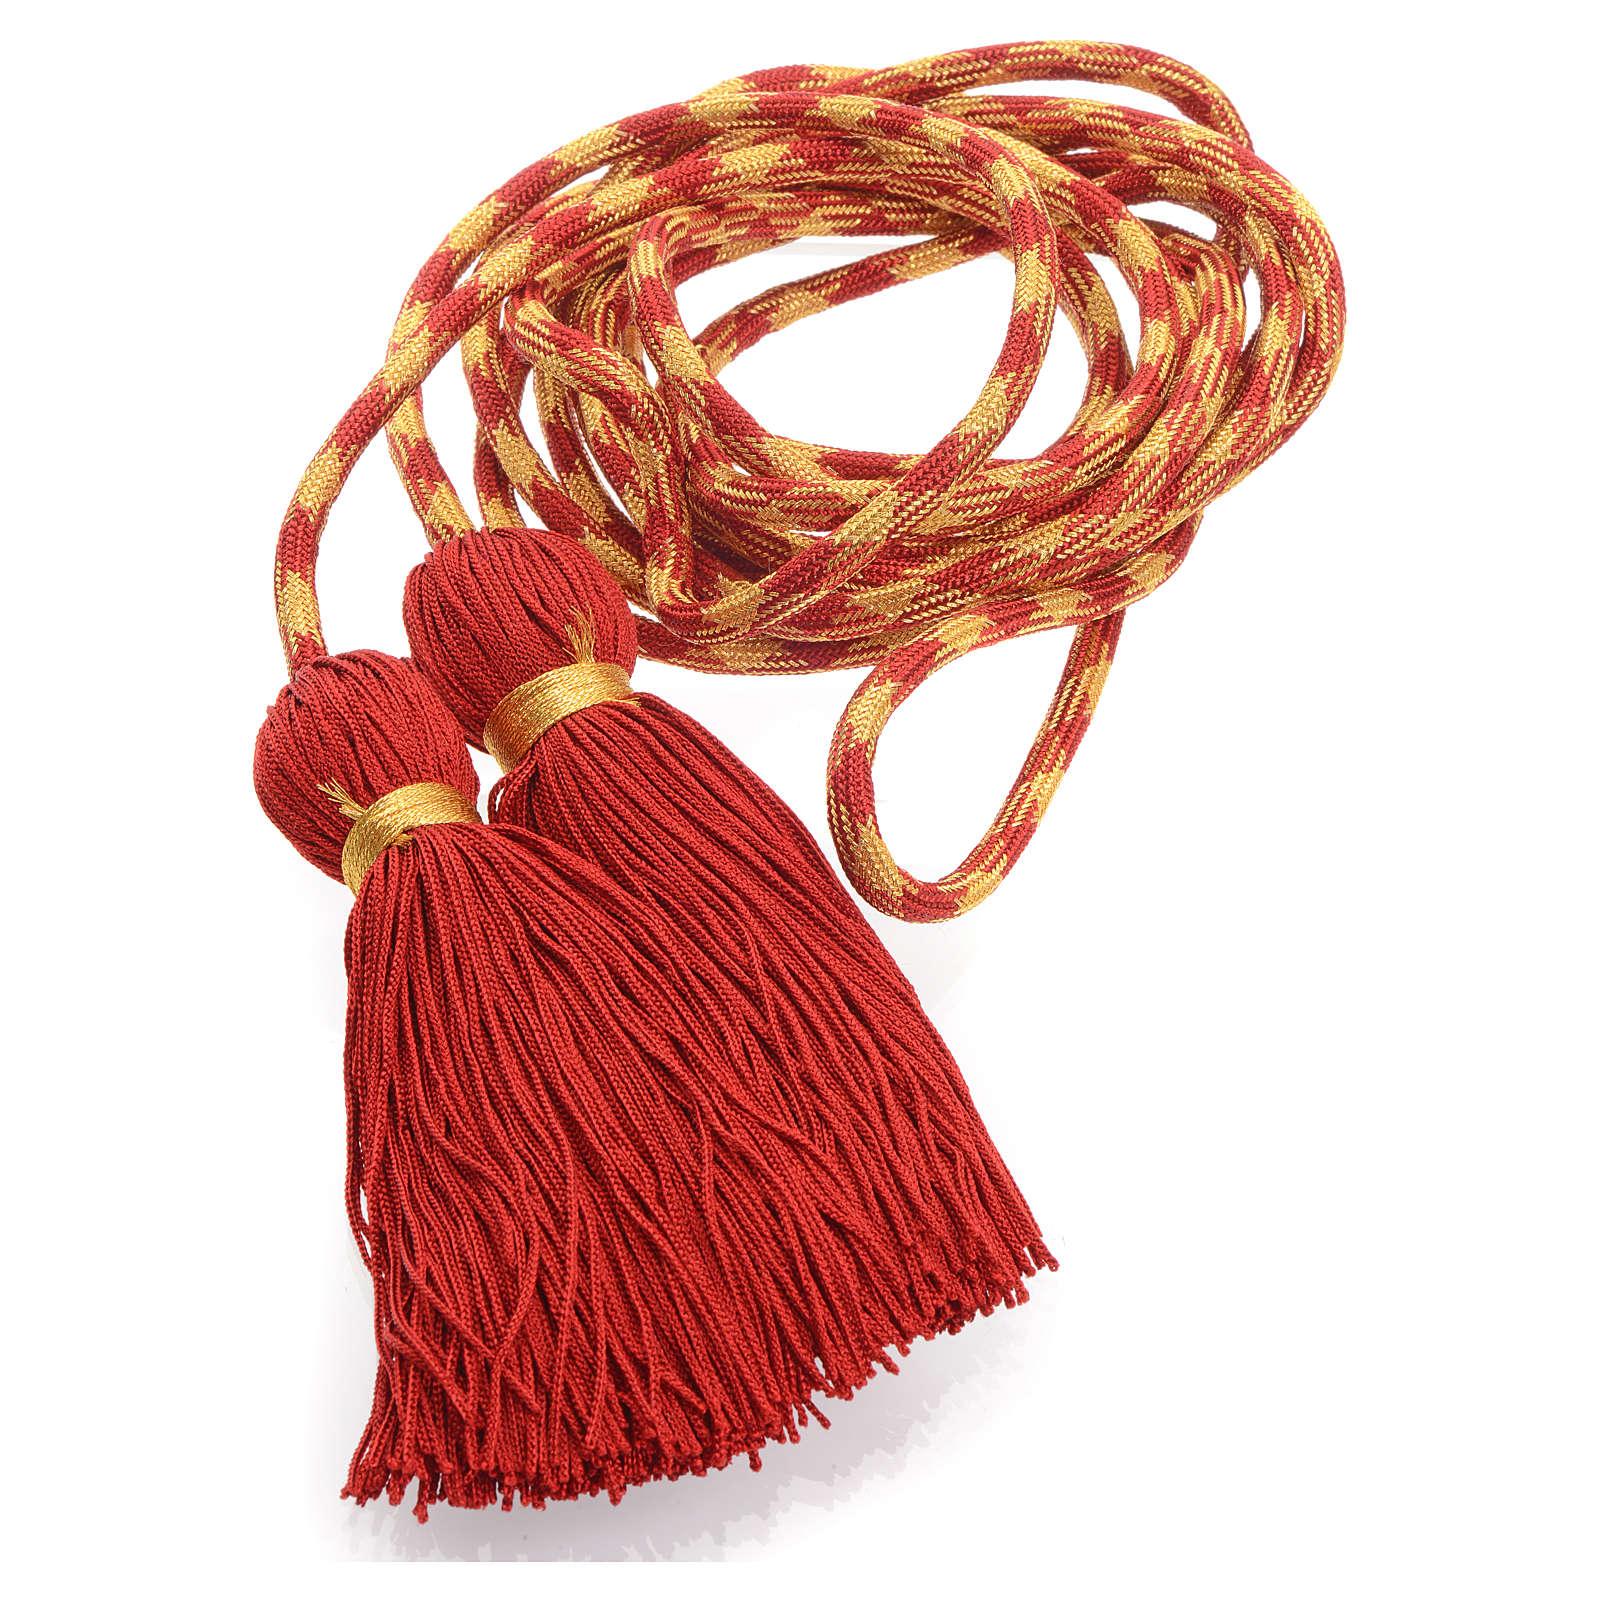 Cíngolo sacerdotal color rojo y dorado 4